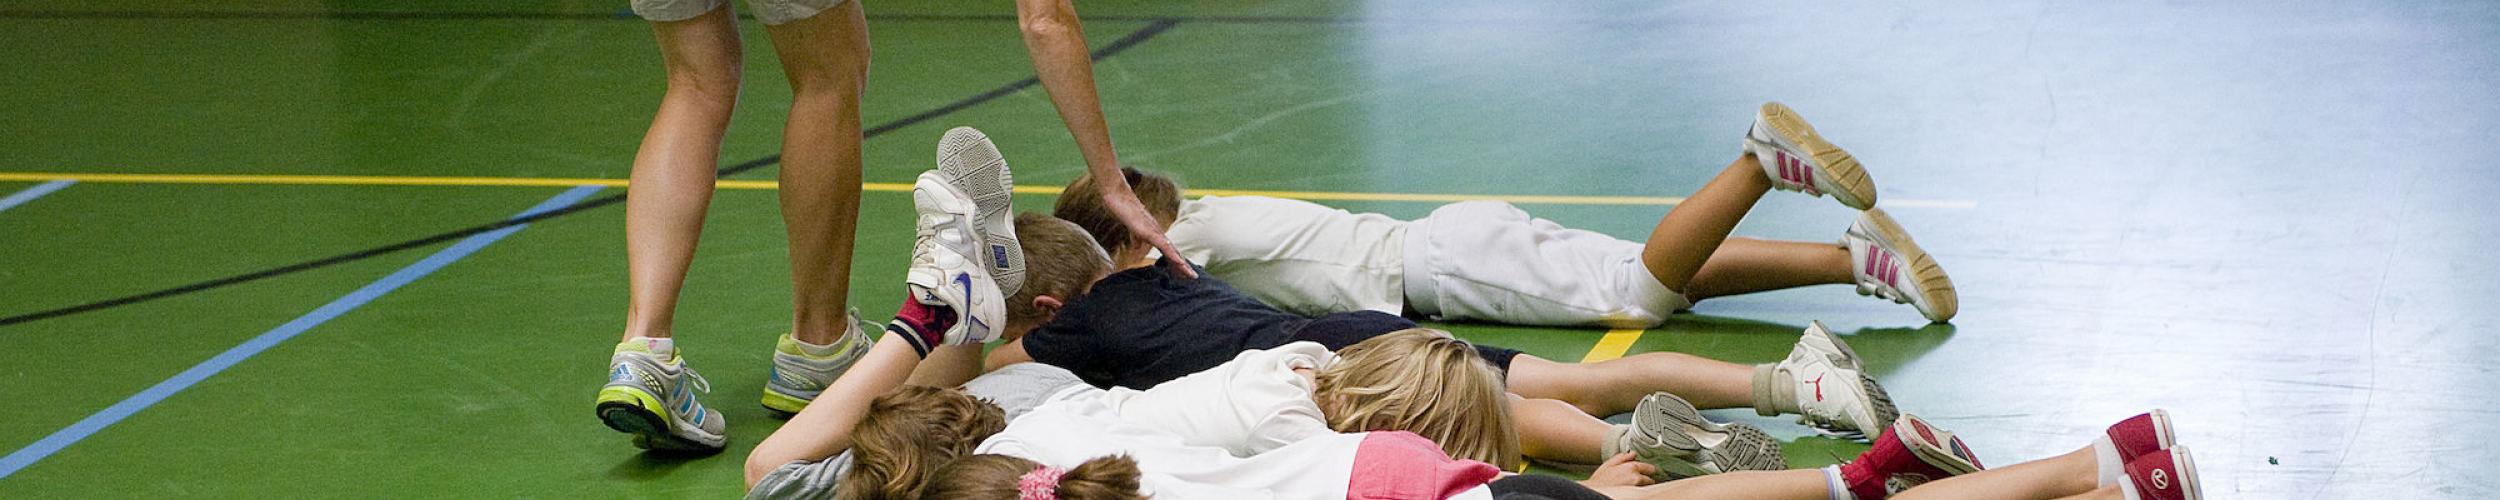 Sportkampen en -activiteiten